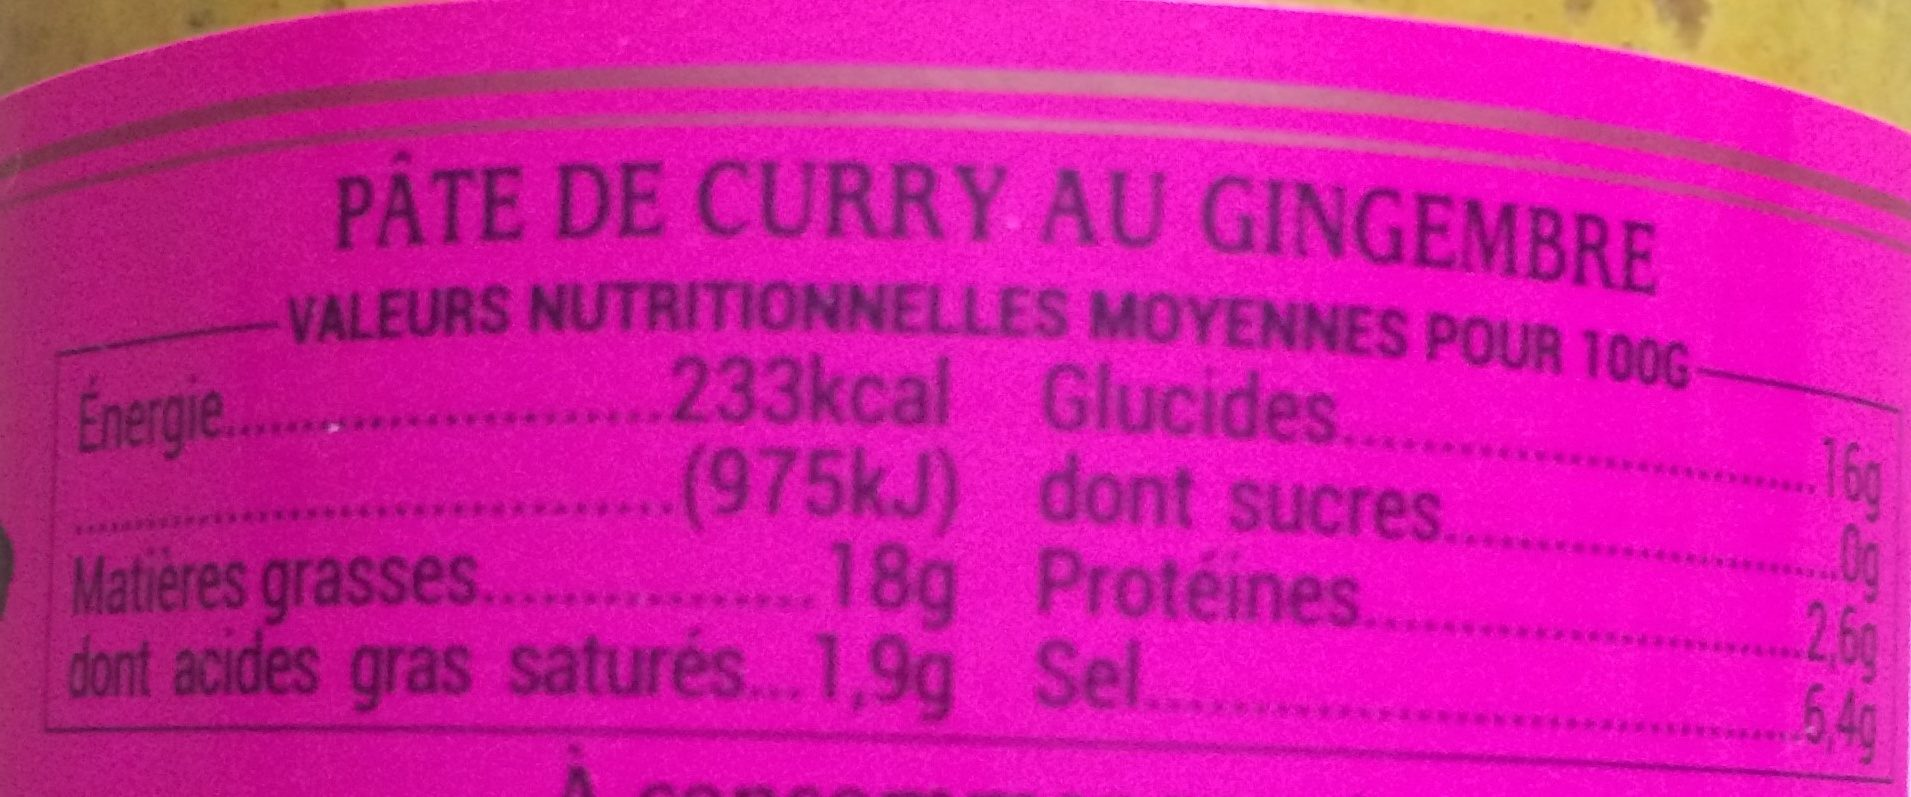 Pâte De Curry au Gingembre - Nutrition facts